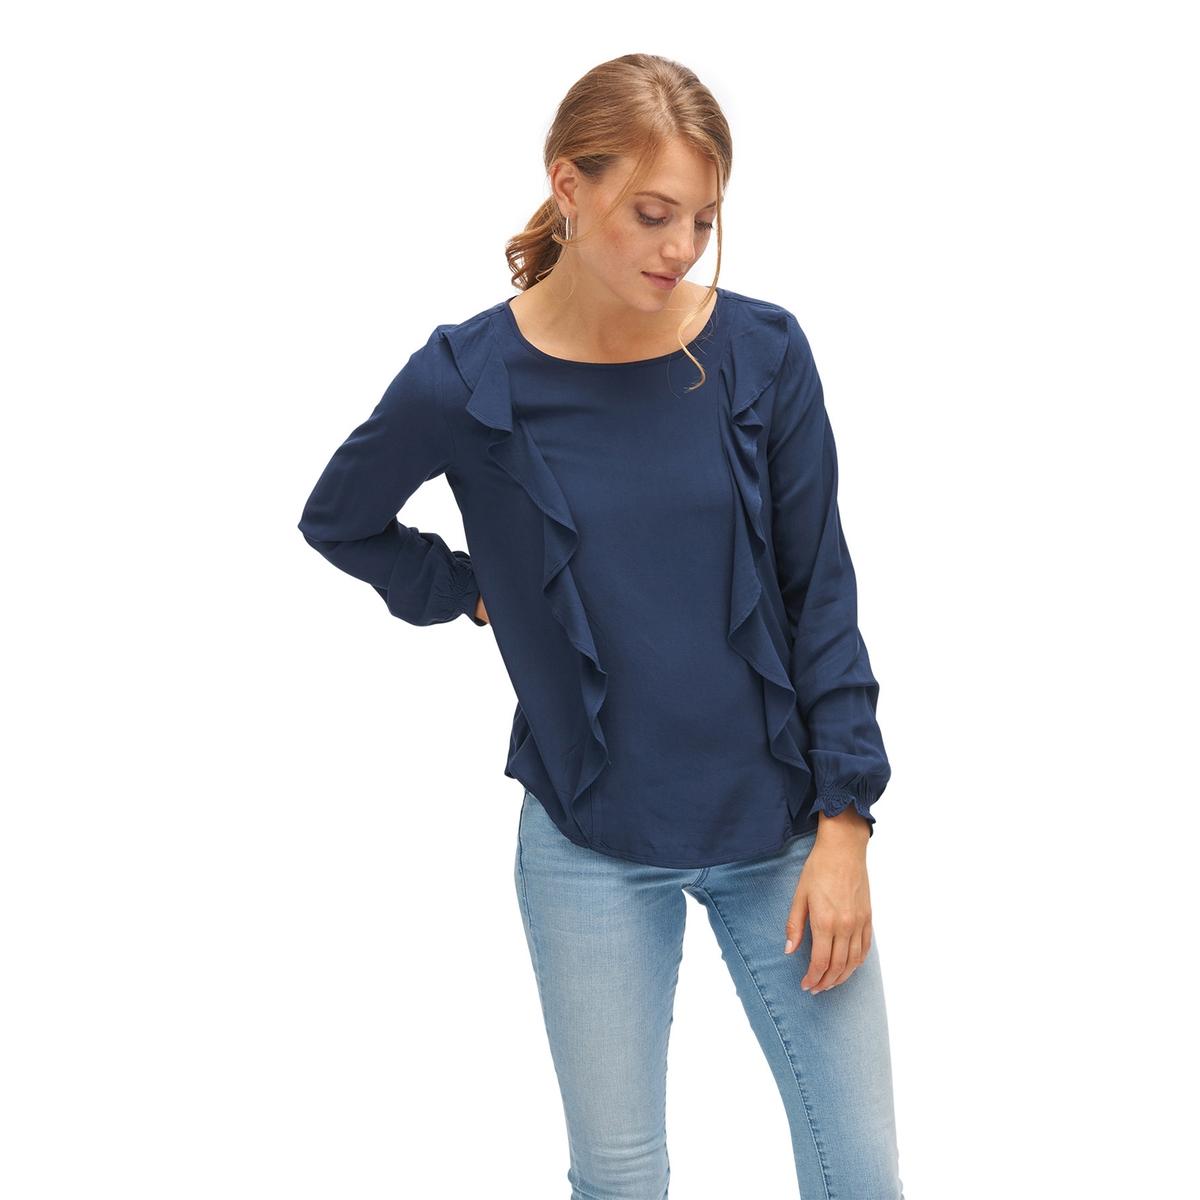 Блузка с круглым вырезом, рисунком и длинными рукавамиДетали •  Длинные рукава •  Круглый вырезСостав и уход •  100% вискоза •  Следуйте советам по уходу, указанным на этикетке<br><br>Цвет: темно-синий<br>Размер: 40 (FR) - 46 (RUS)